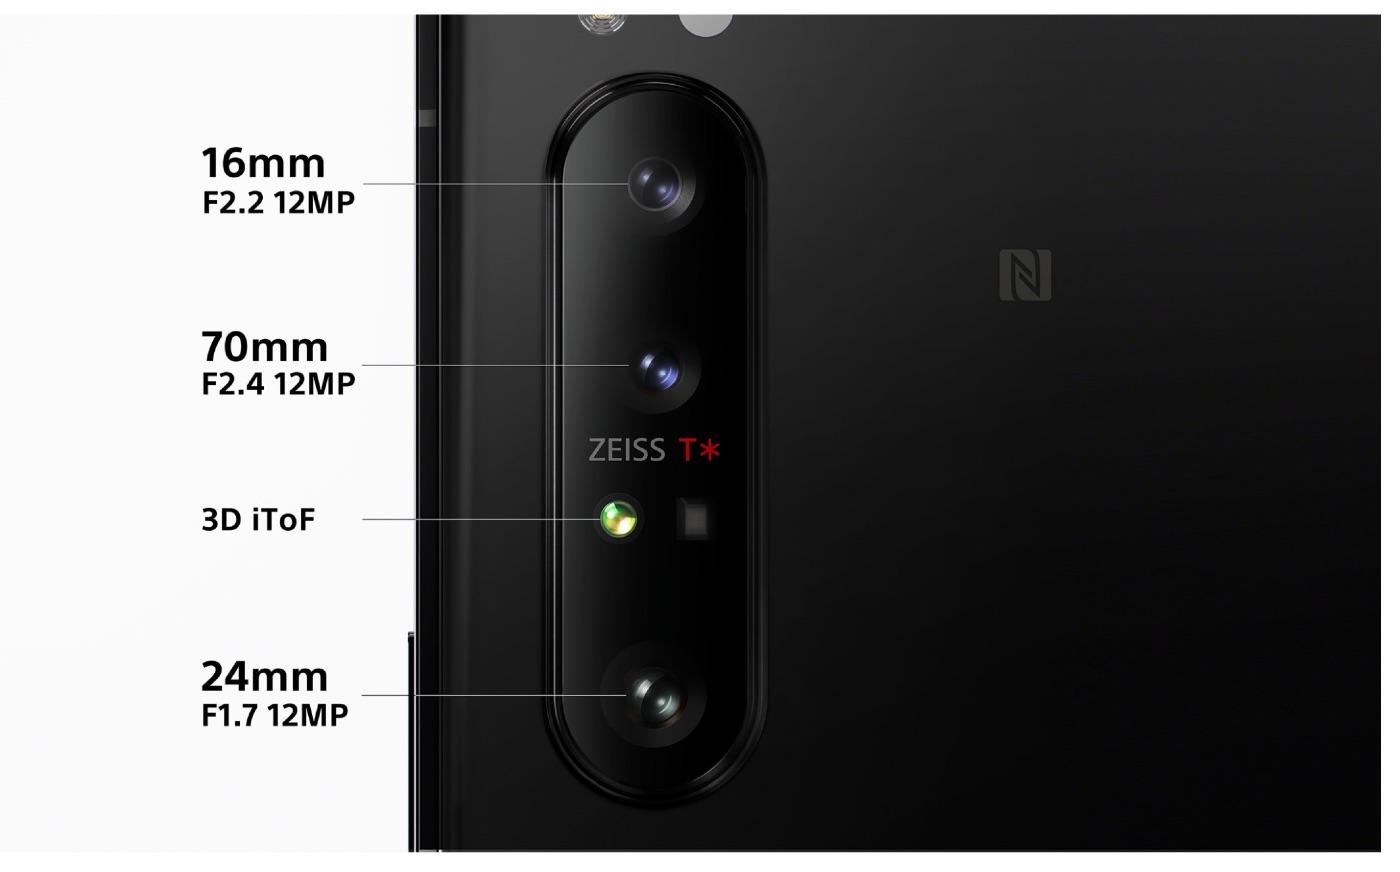 ZEISSレンズ 3つのカメラと深度センサー